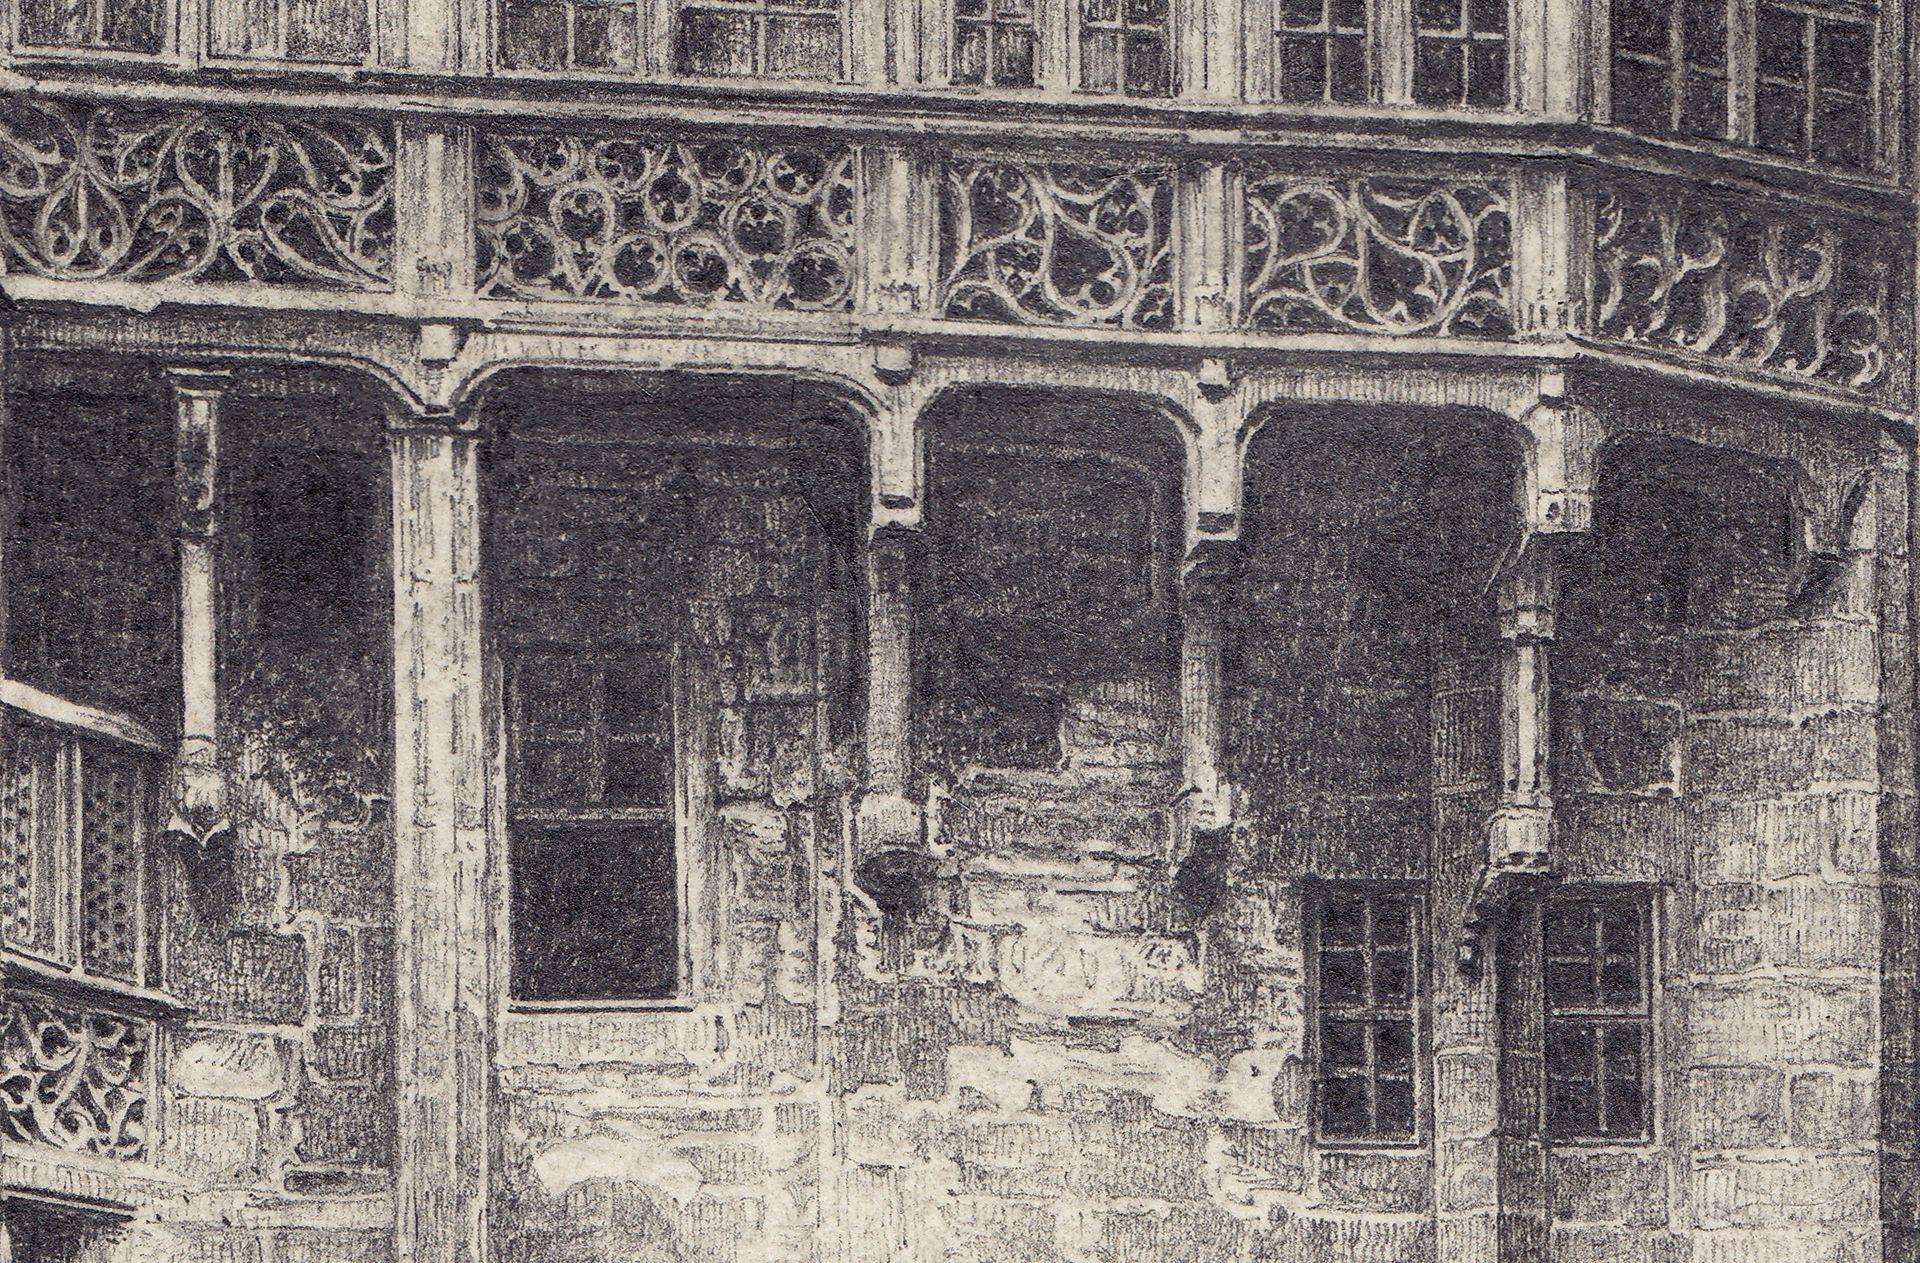 Großer Rathaushof, Hofgalerie von Hans Beheim Detail